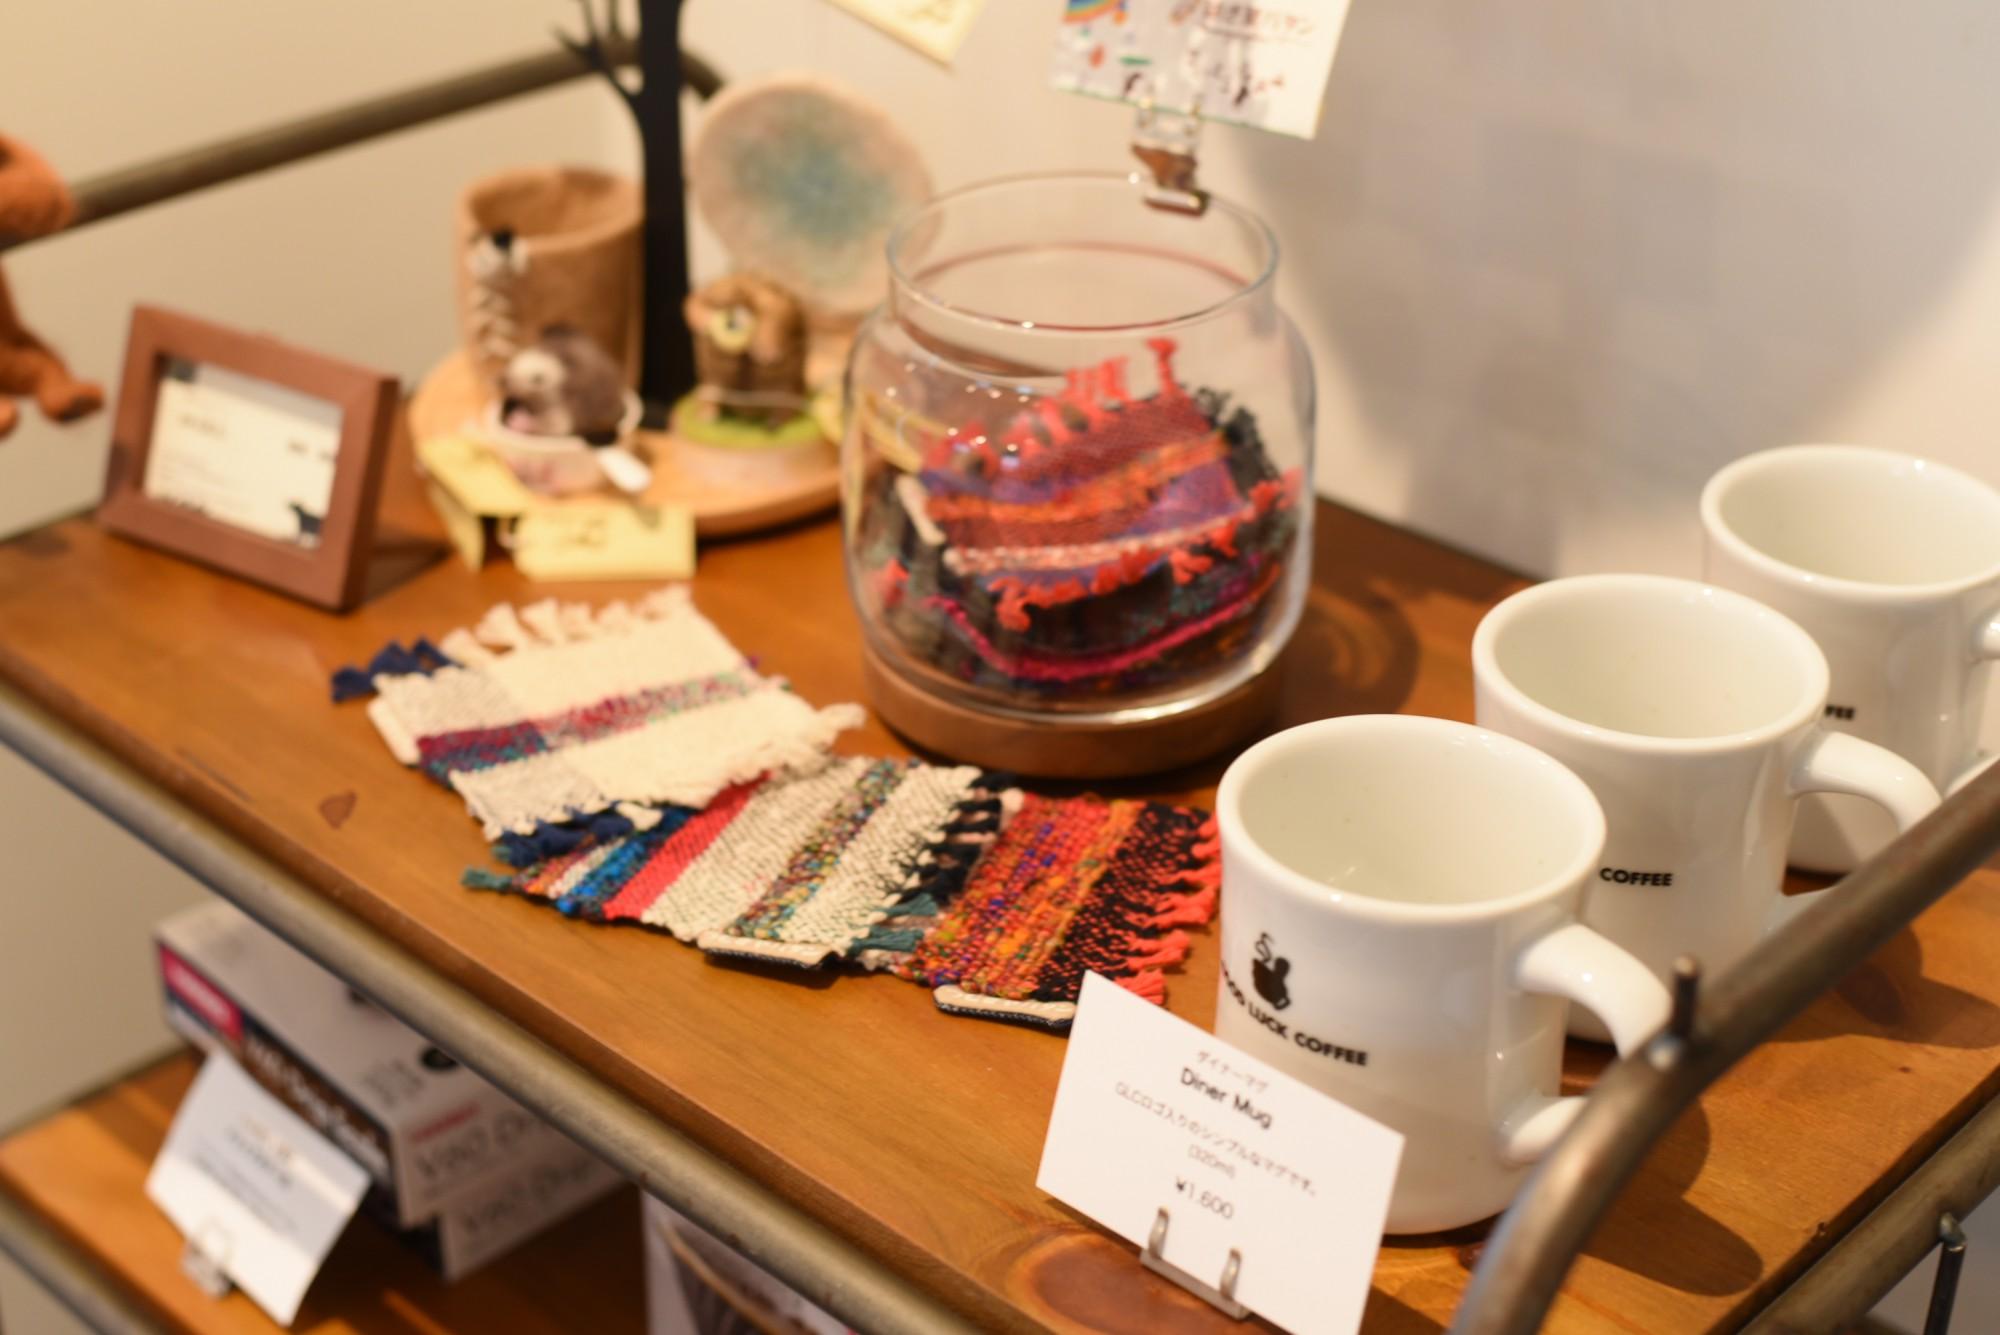 店のオリジナルグッズは続々と増えている。縁でつながった長岡市在住作家の小物も販売するようになった。